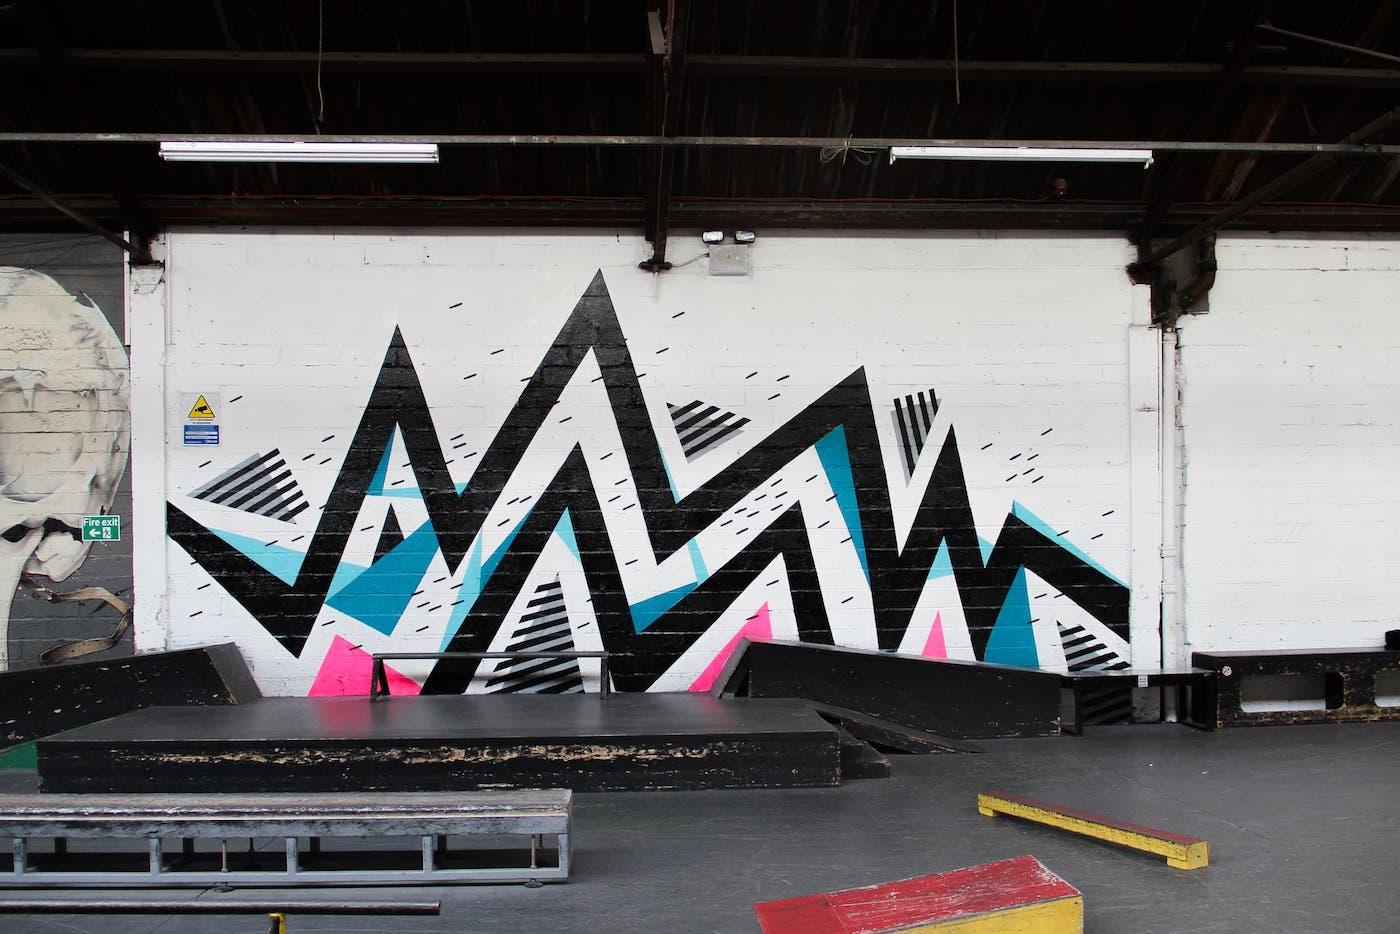 prime-skatepark-plymouth-street-art-mural